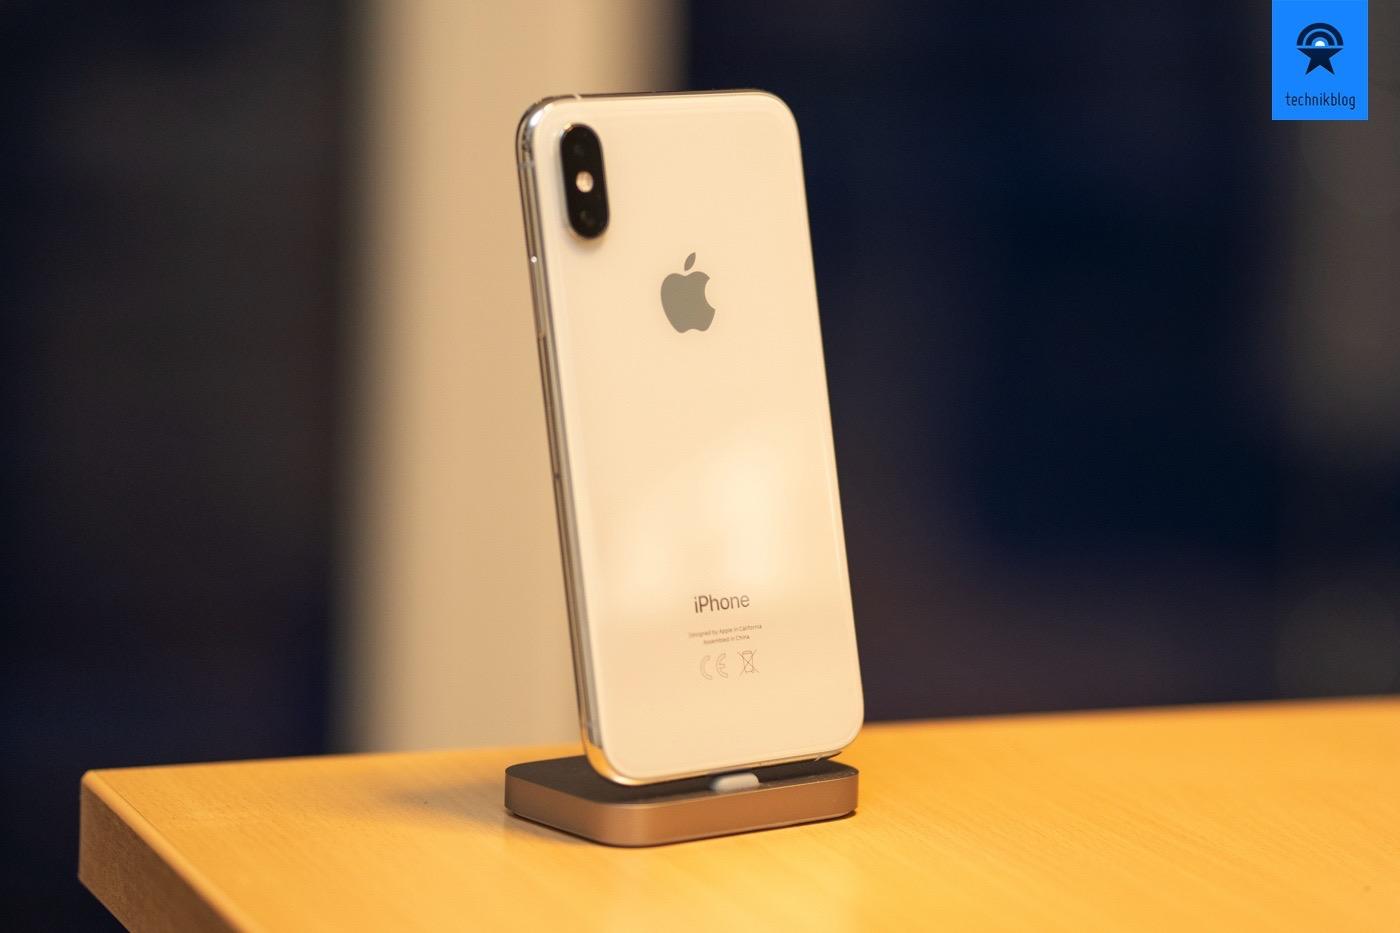 iPhone Xs Rückseite - kaum Unterscheide zum iPhone X zu erkennen